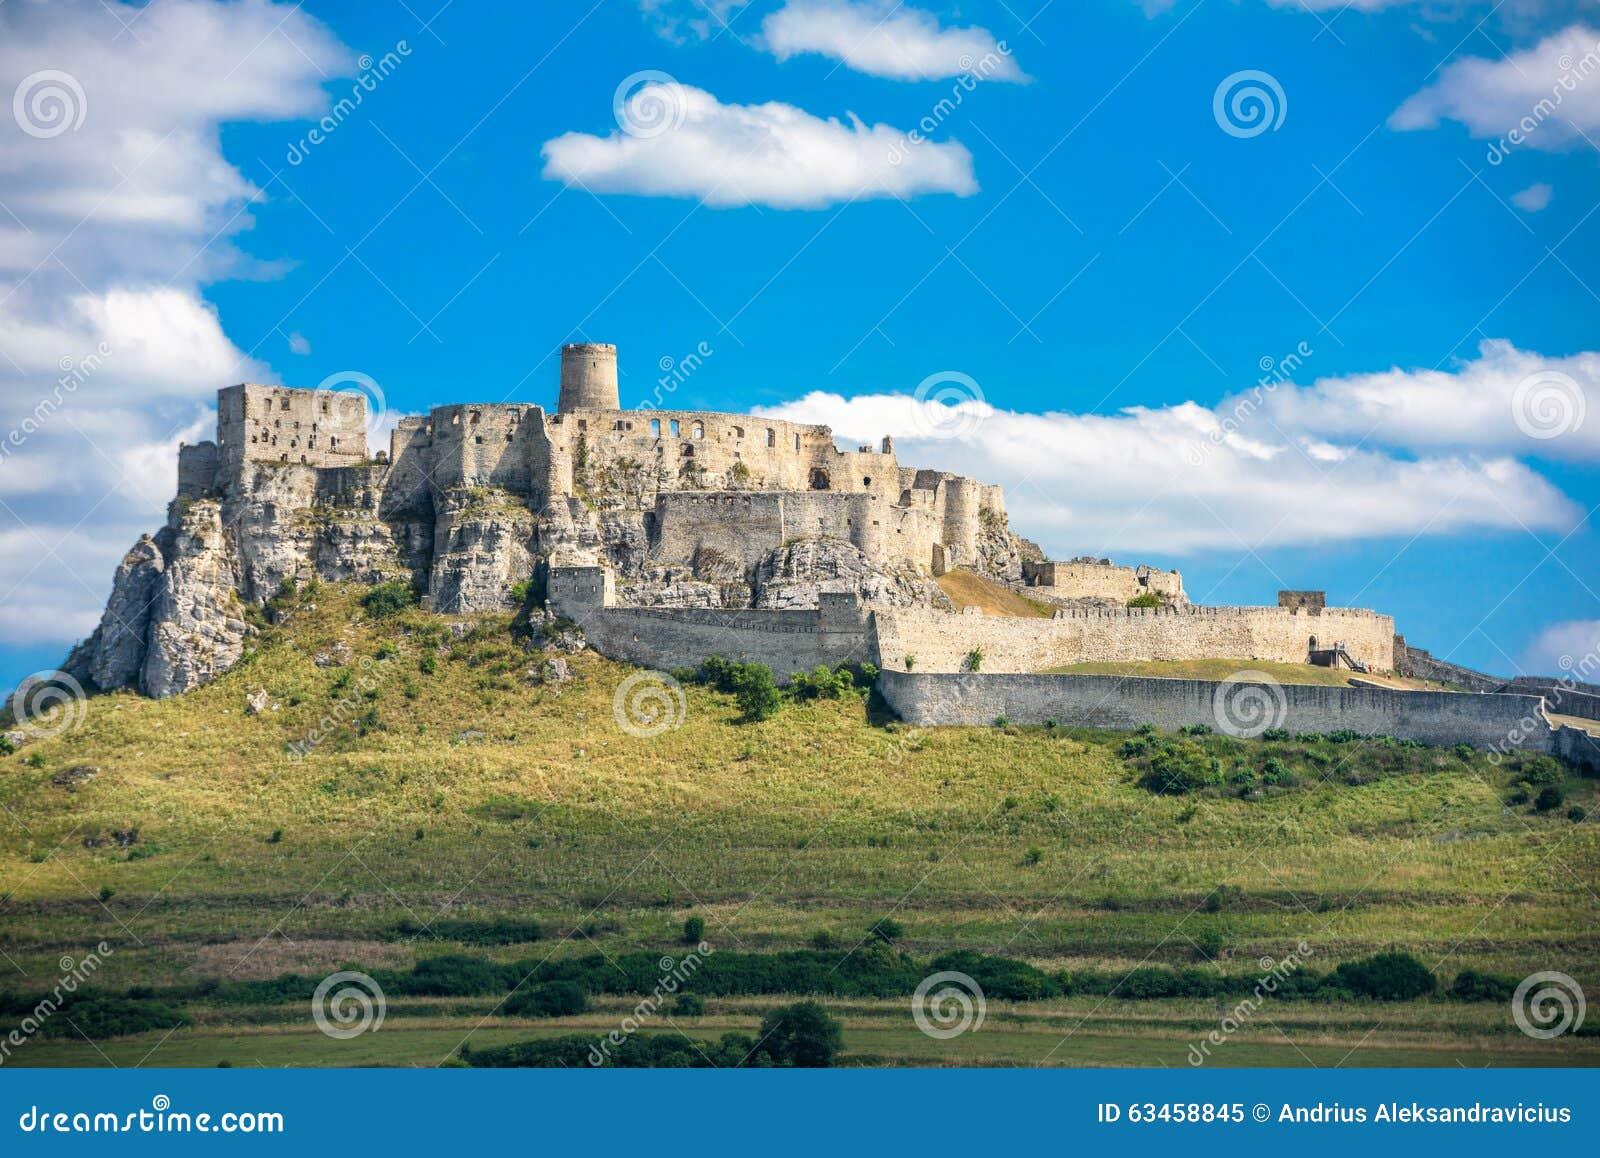 Le rovine del castello di Spis, Slovacchia